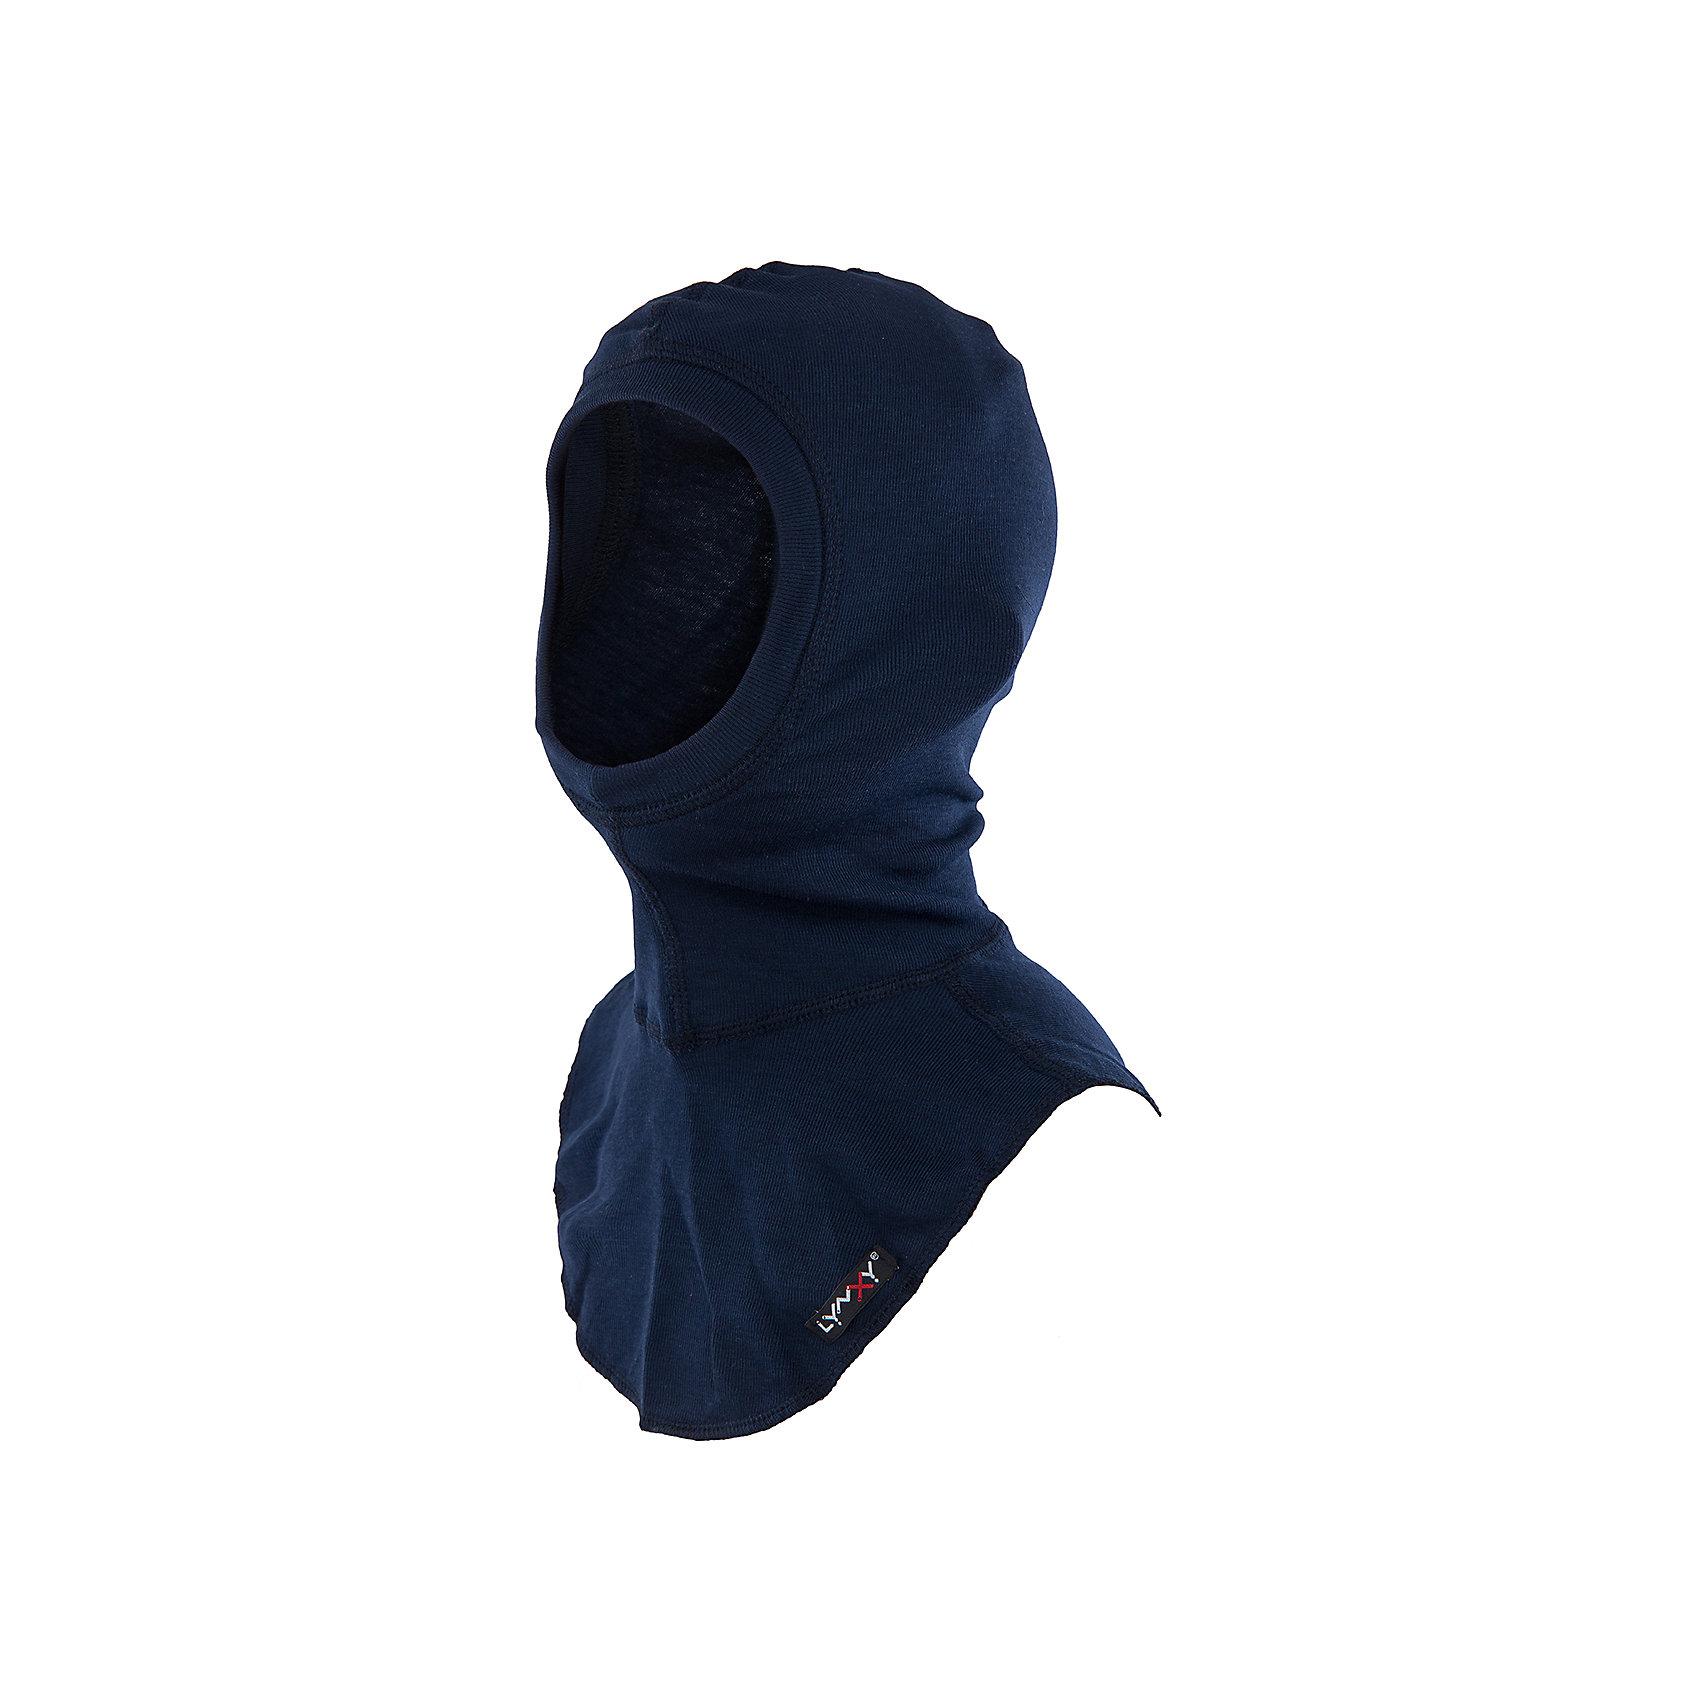 Шапка-шлем LynxyГоловные уборы<br>Шапка-шлем от известного бренда Lynxy.<br>Детский подшлемник выполнен из мягкого термополотна Trevira с микроначесом с изнаночной стороны. Благодаря эластичному и мягкому полотну приятно к телу, плоские швы и эргономические лекала обеспечивают комфортное прилегание изделия. Идеально сохраняет тепло и выводит влагу, позволяя коже оставаться сухой. Благодаря присутствию ионов серебра в структуре полотна, имеет противомикробные свойства. Идеально подходит для длительных прогулок и активных занятий спортом в холодное время года до - 30 градусов. Рекомендуется деликатная машинная стирка при температуре 40 градусов без предварительного замачивания.<br>Состав:<br>полиэстер 95%, вискоза 5%<br><br>Ширина мм: 89<br>Глубина мм: 117<br>Высота мм: 44<br>Вес г: 155<br>Цвет: синий<br>Возраст от месяцев: 144<br>Возраст до месяцев: 180<br>Пол: Мужской<br>Возраст: Детский<br>Размер: 56,52,54<br>SKU: 4971233